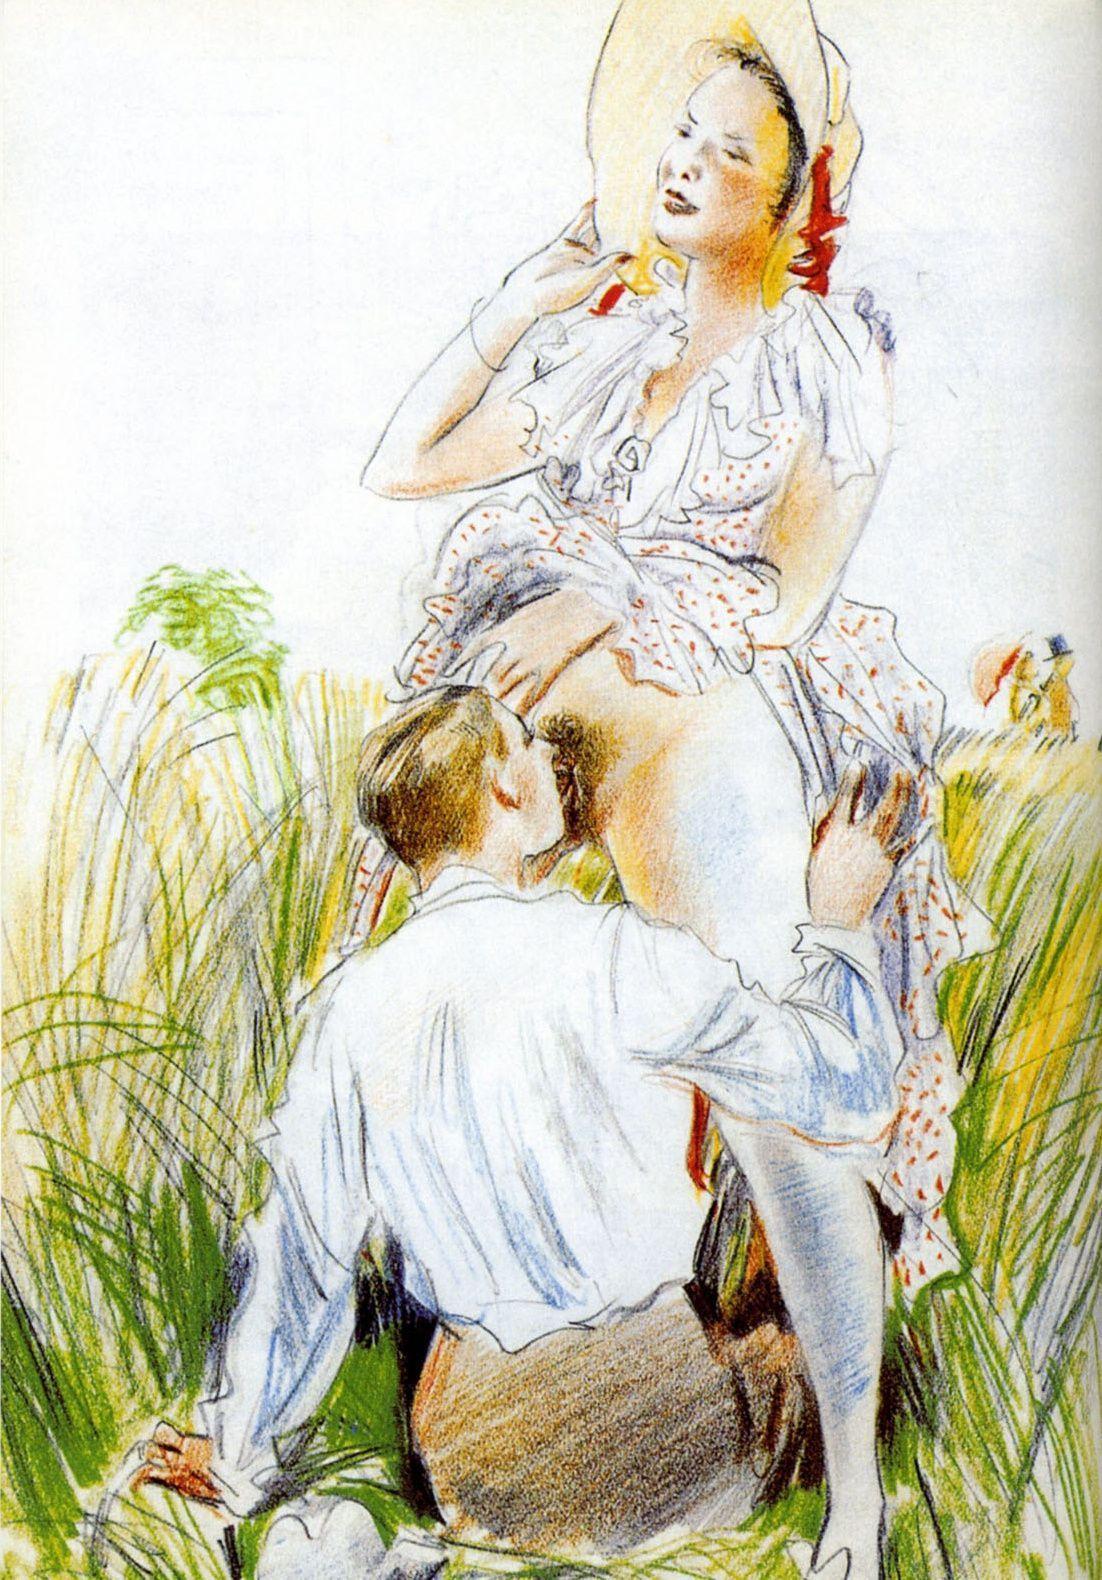 Эротическая живопись с элементами садо мазо 19 фотография